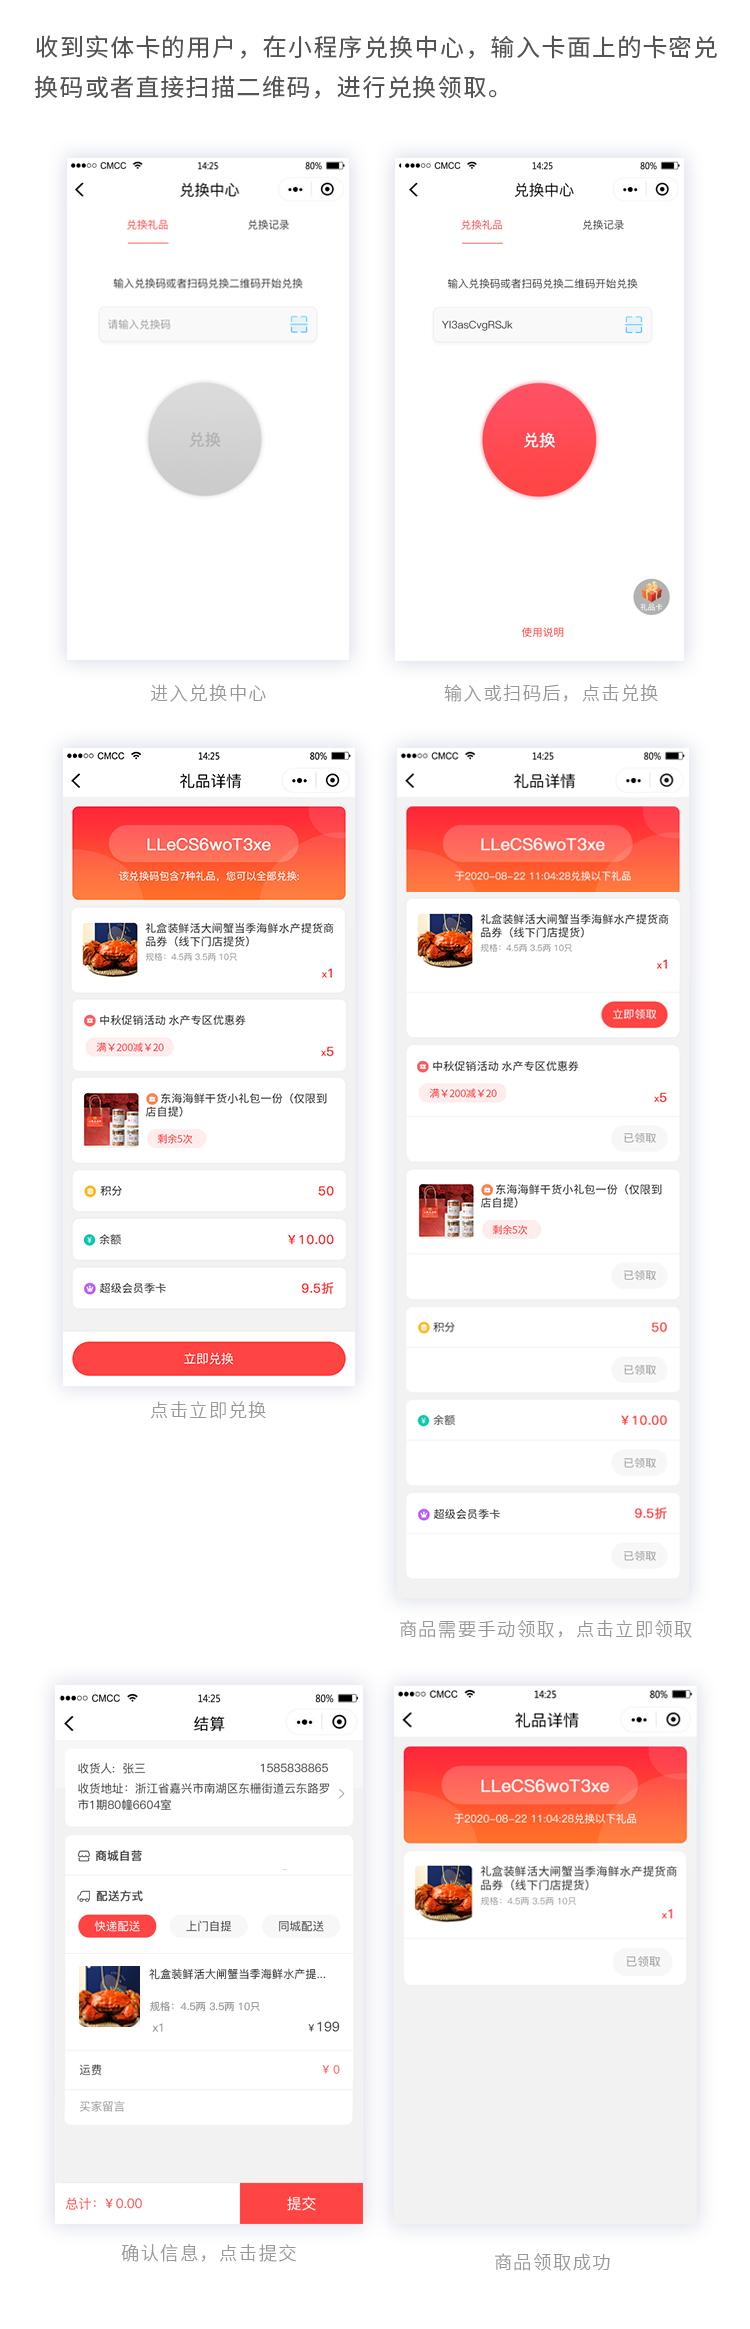 兑换中心宣传图_02(1).png